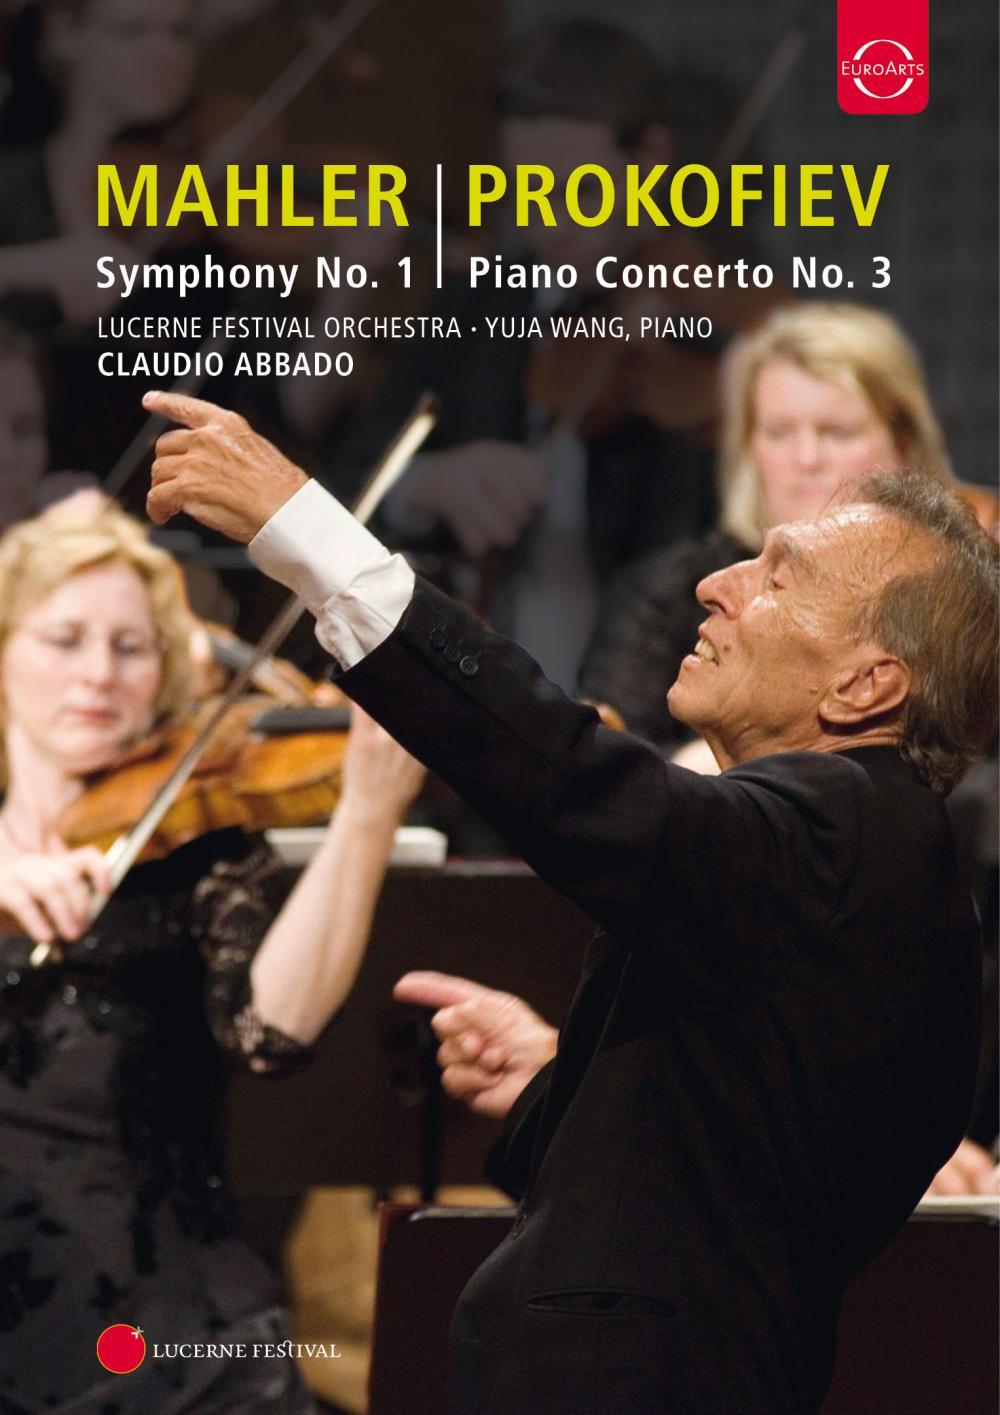 Abbado Conducts Mahler No  1 & Prokofiev Piano Concerto No  3 - EUROARTS